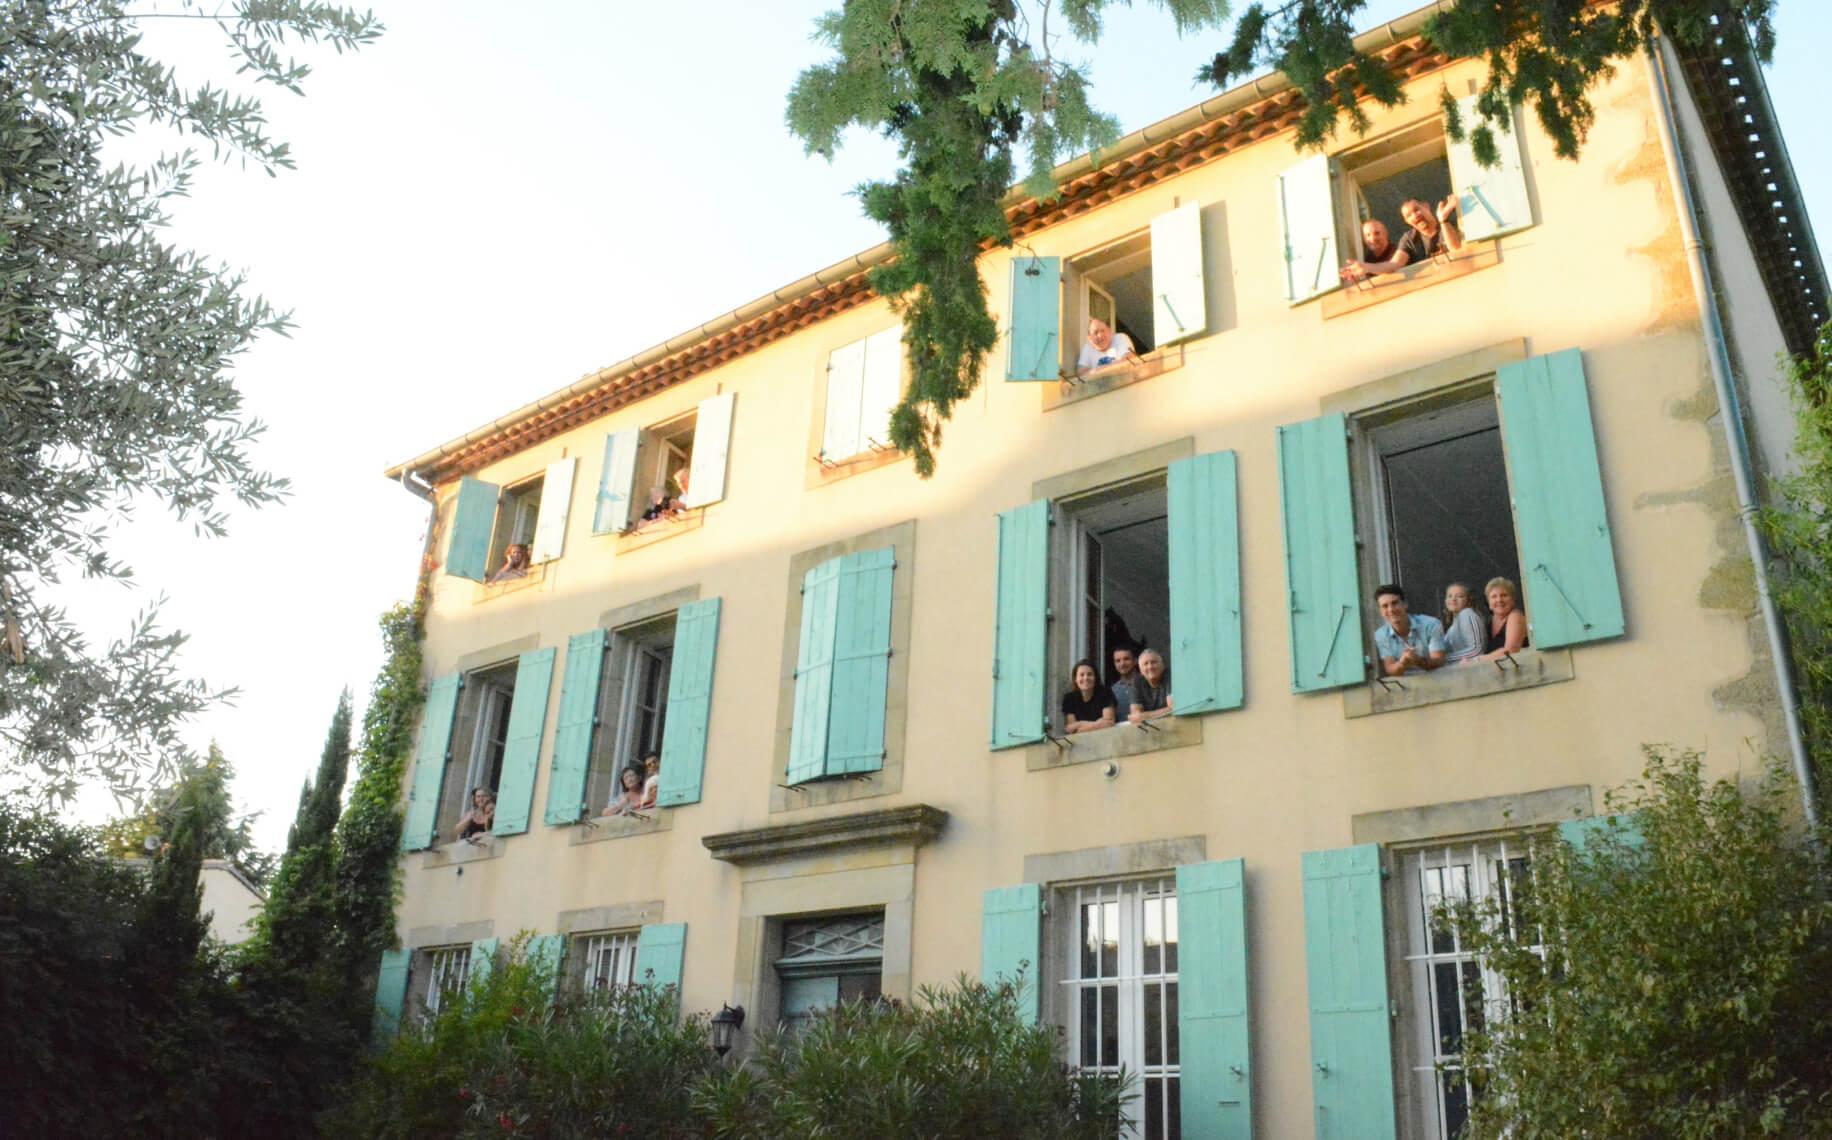 People shot La Maison